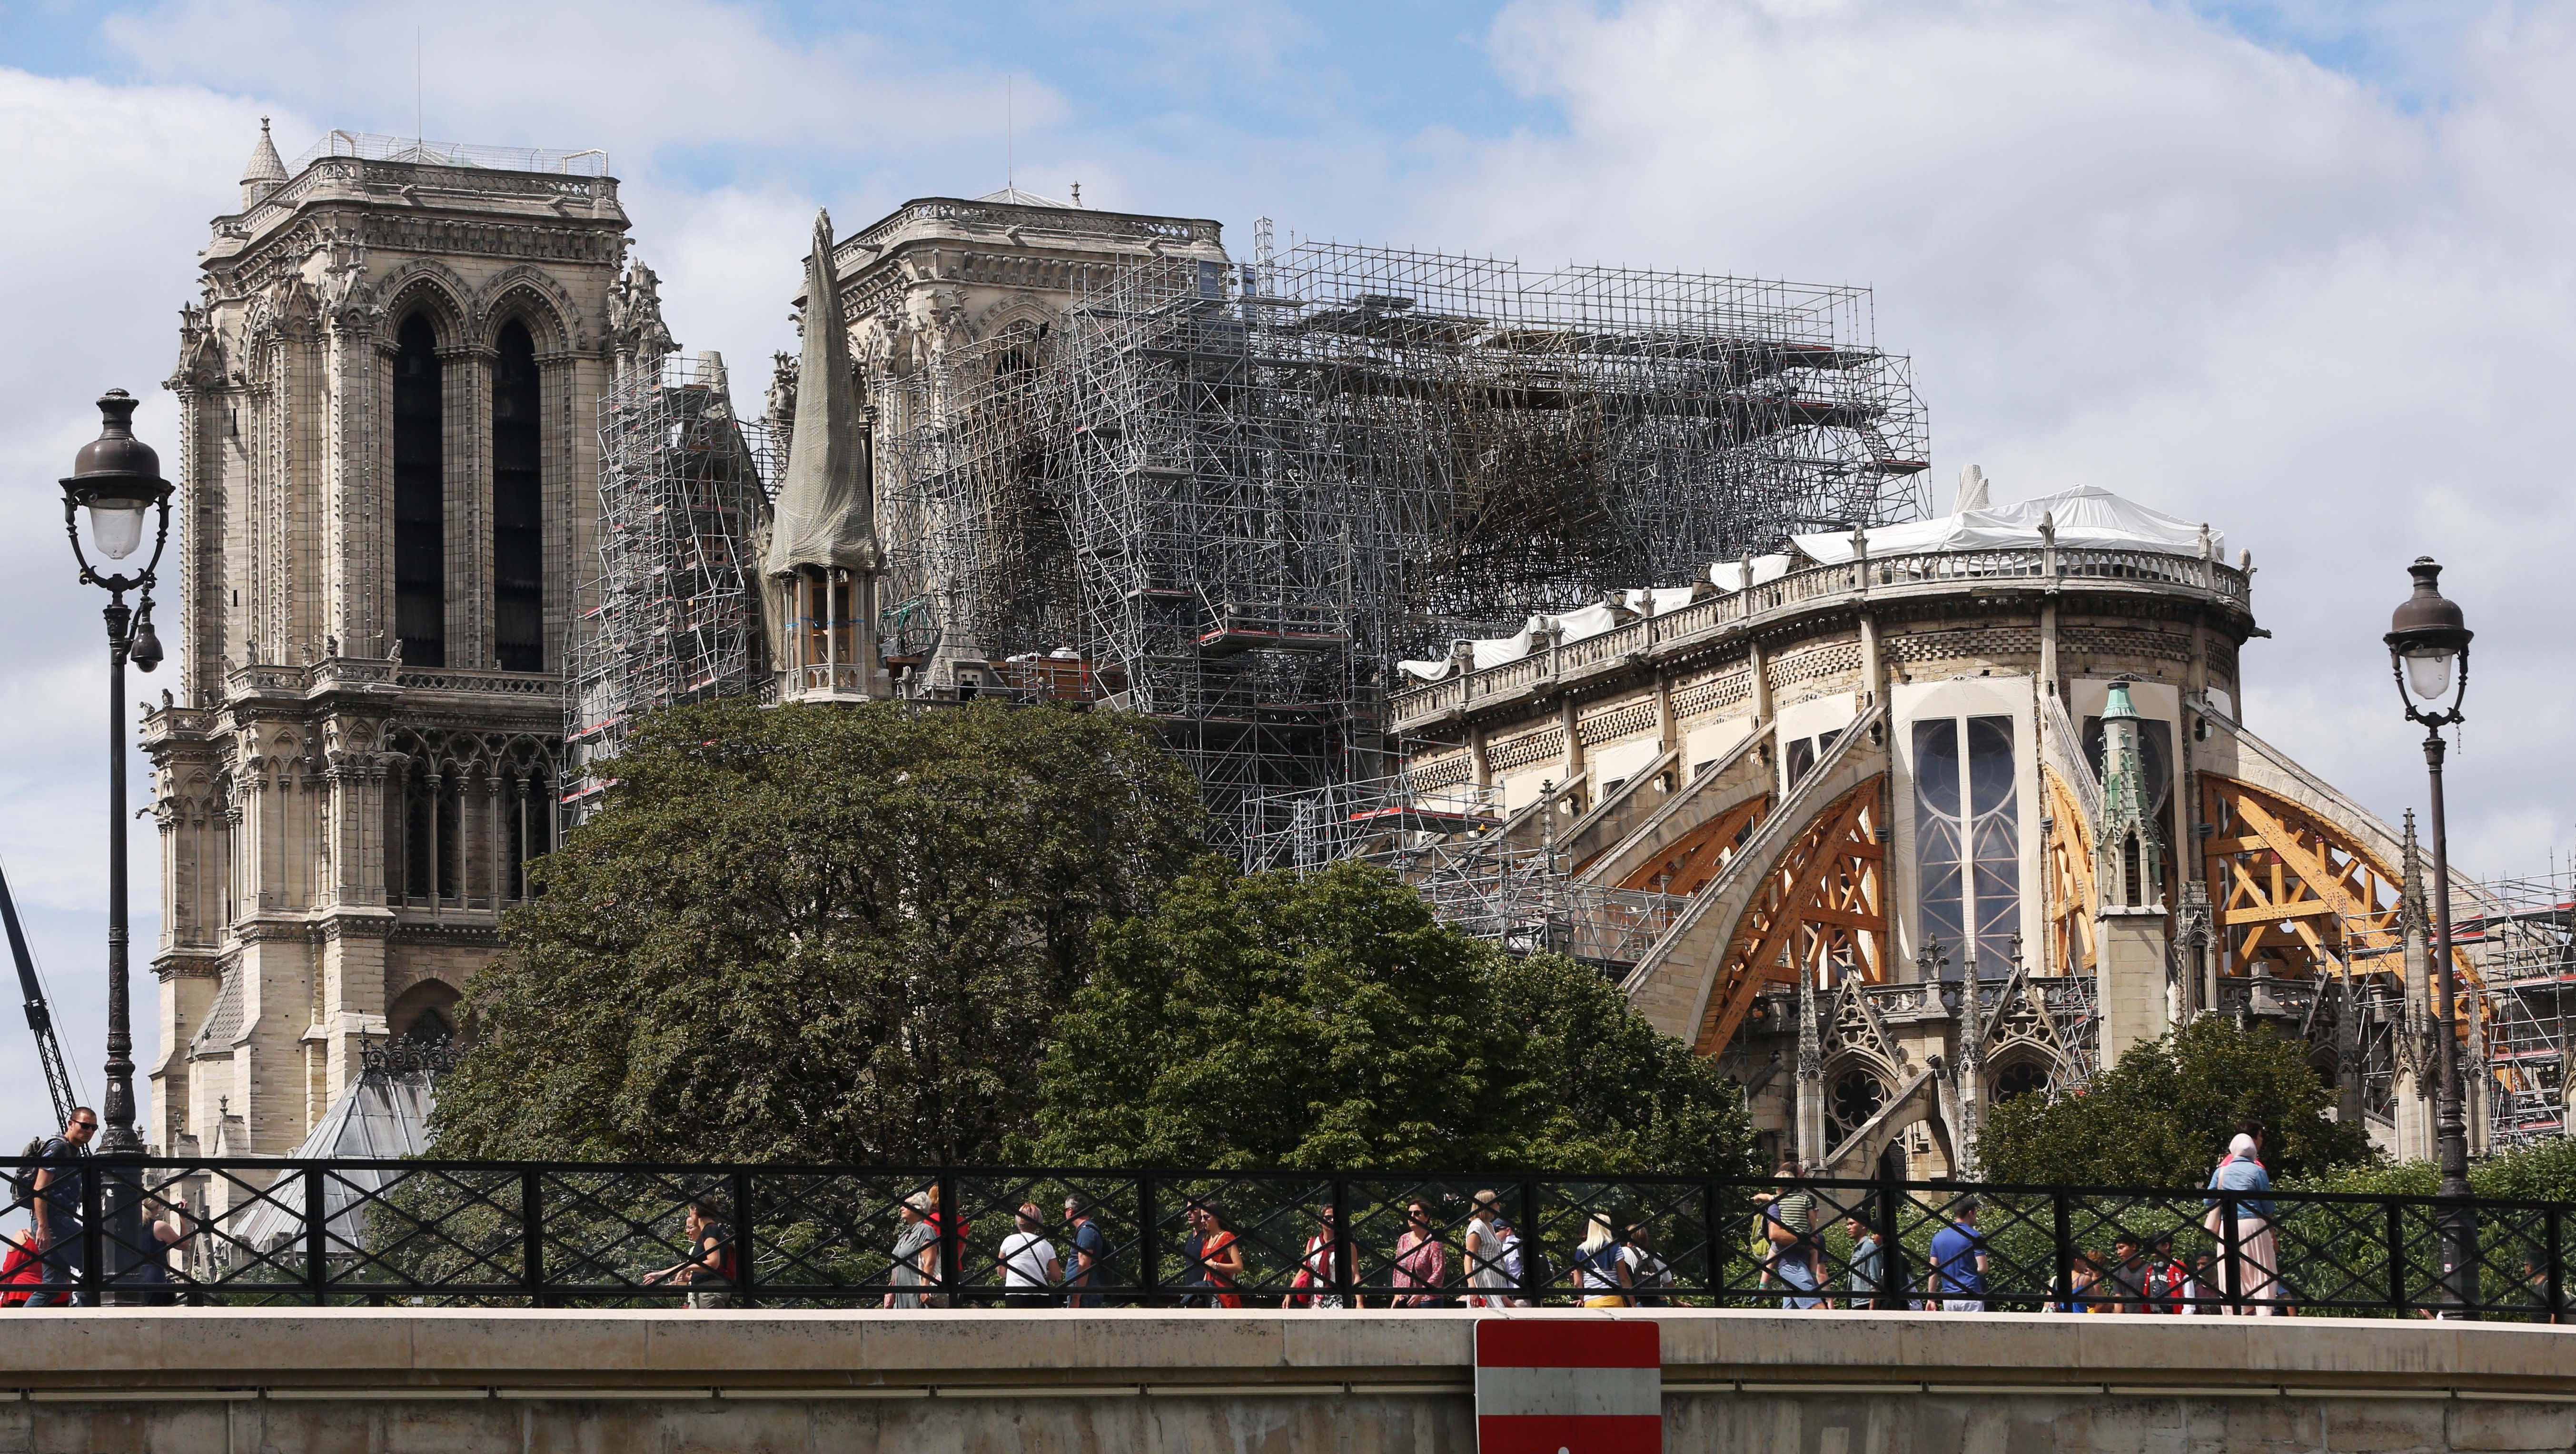 修繕中的巴黎圣母院